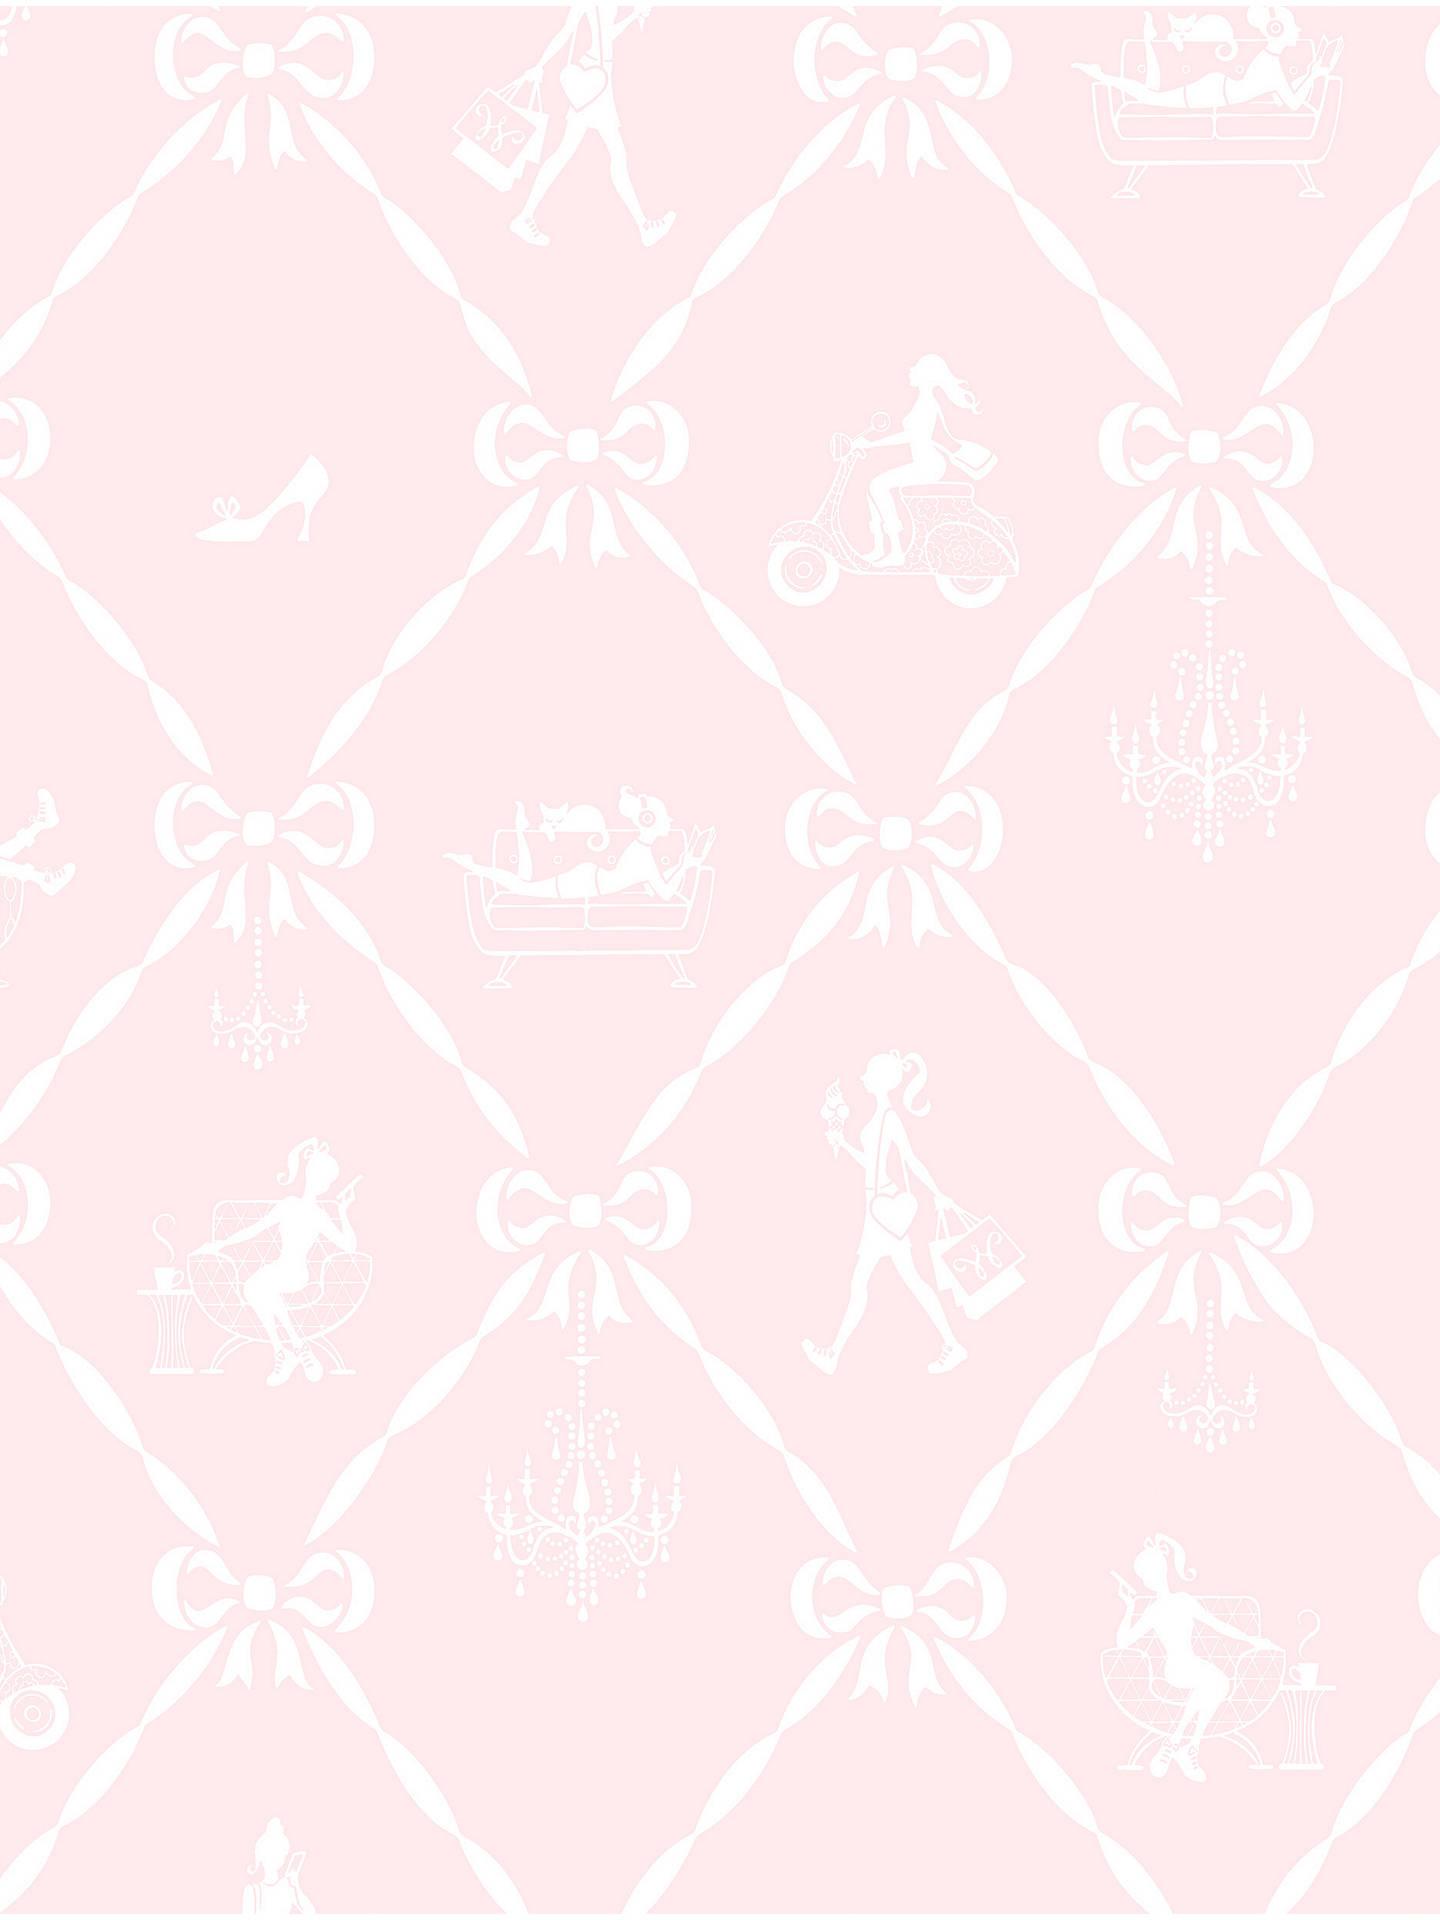 Galerie Jack N Rose Junior Girls And Bows Wallpaper Jr3102